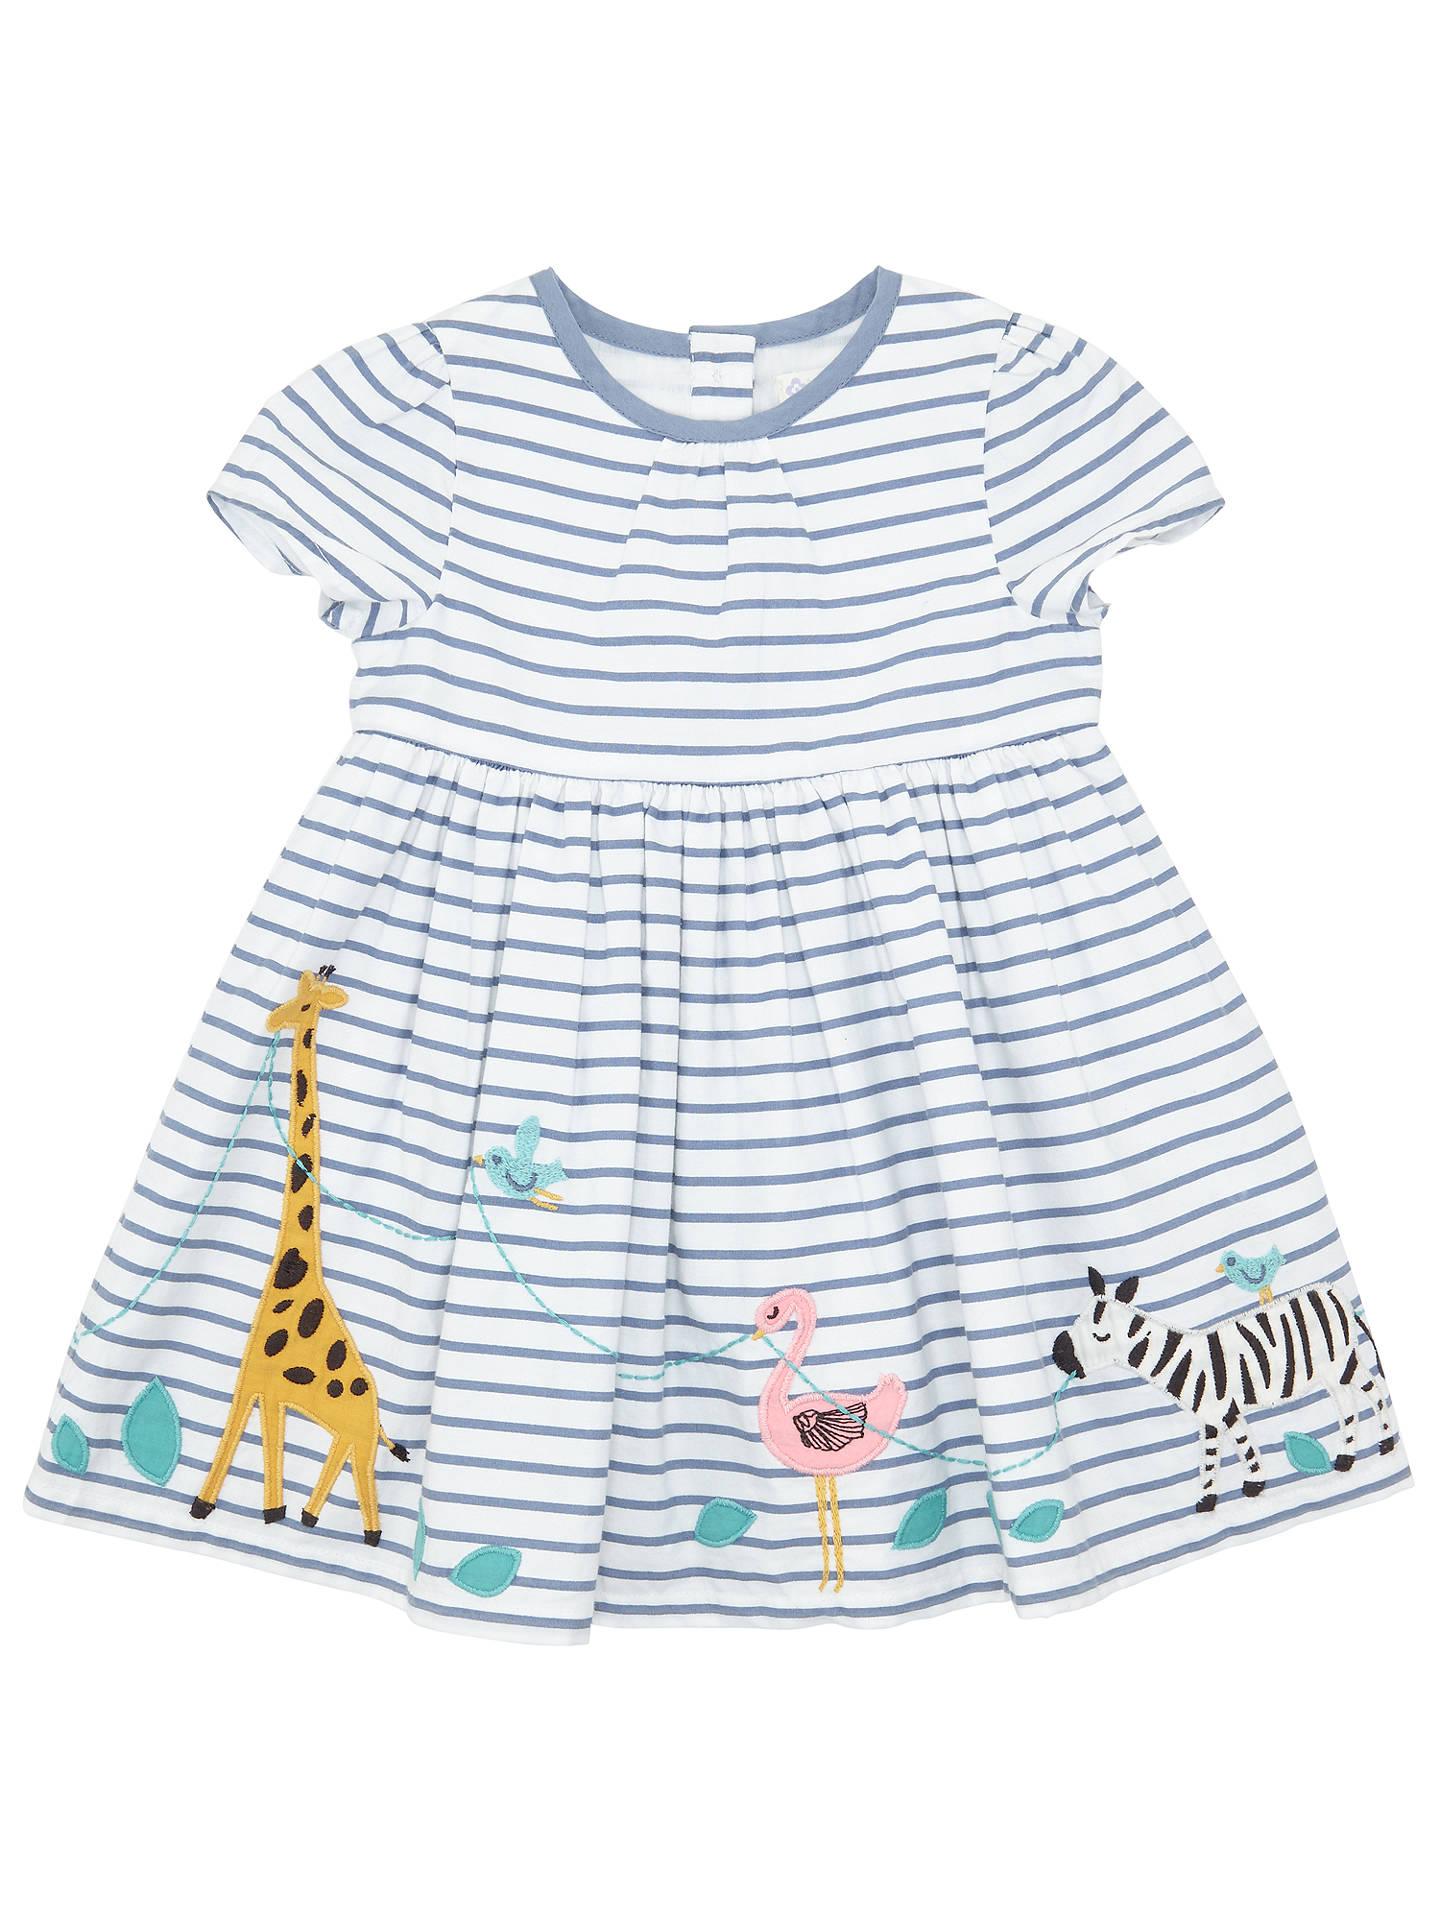 8c1674e1094e John Lewis Baby Safari Border Dress